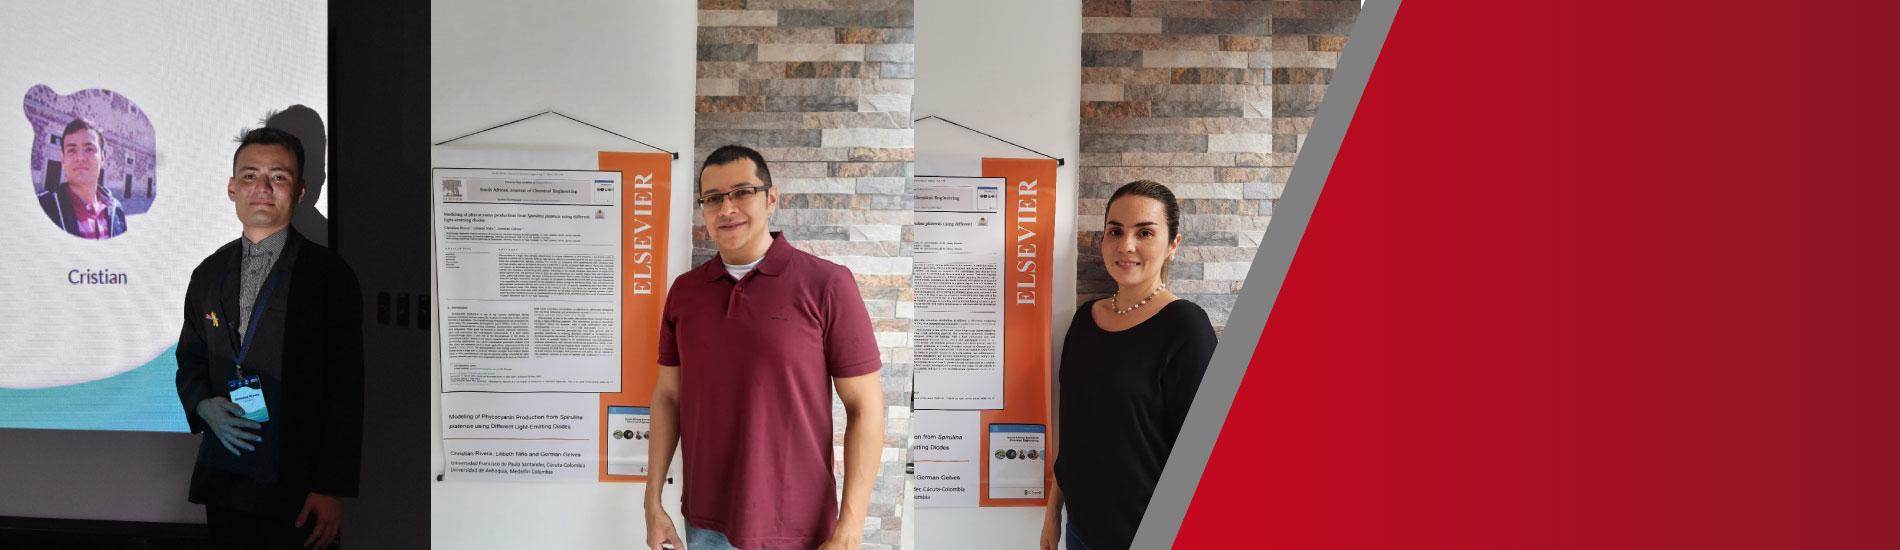 Estudiante y docente UFPS publicaron investigación en Revista Holandesa categoría A1 de Publindex